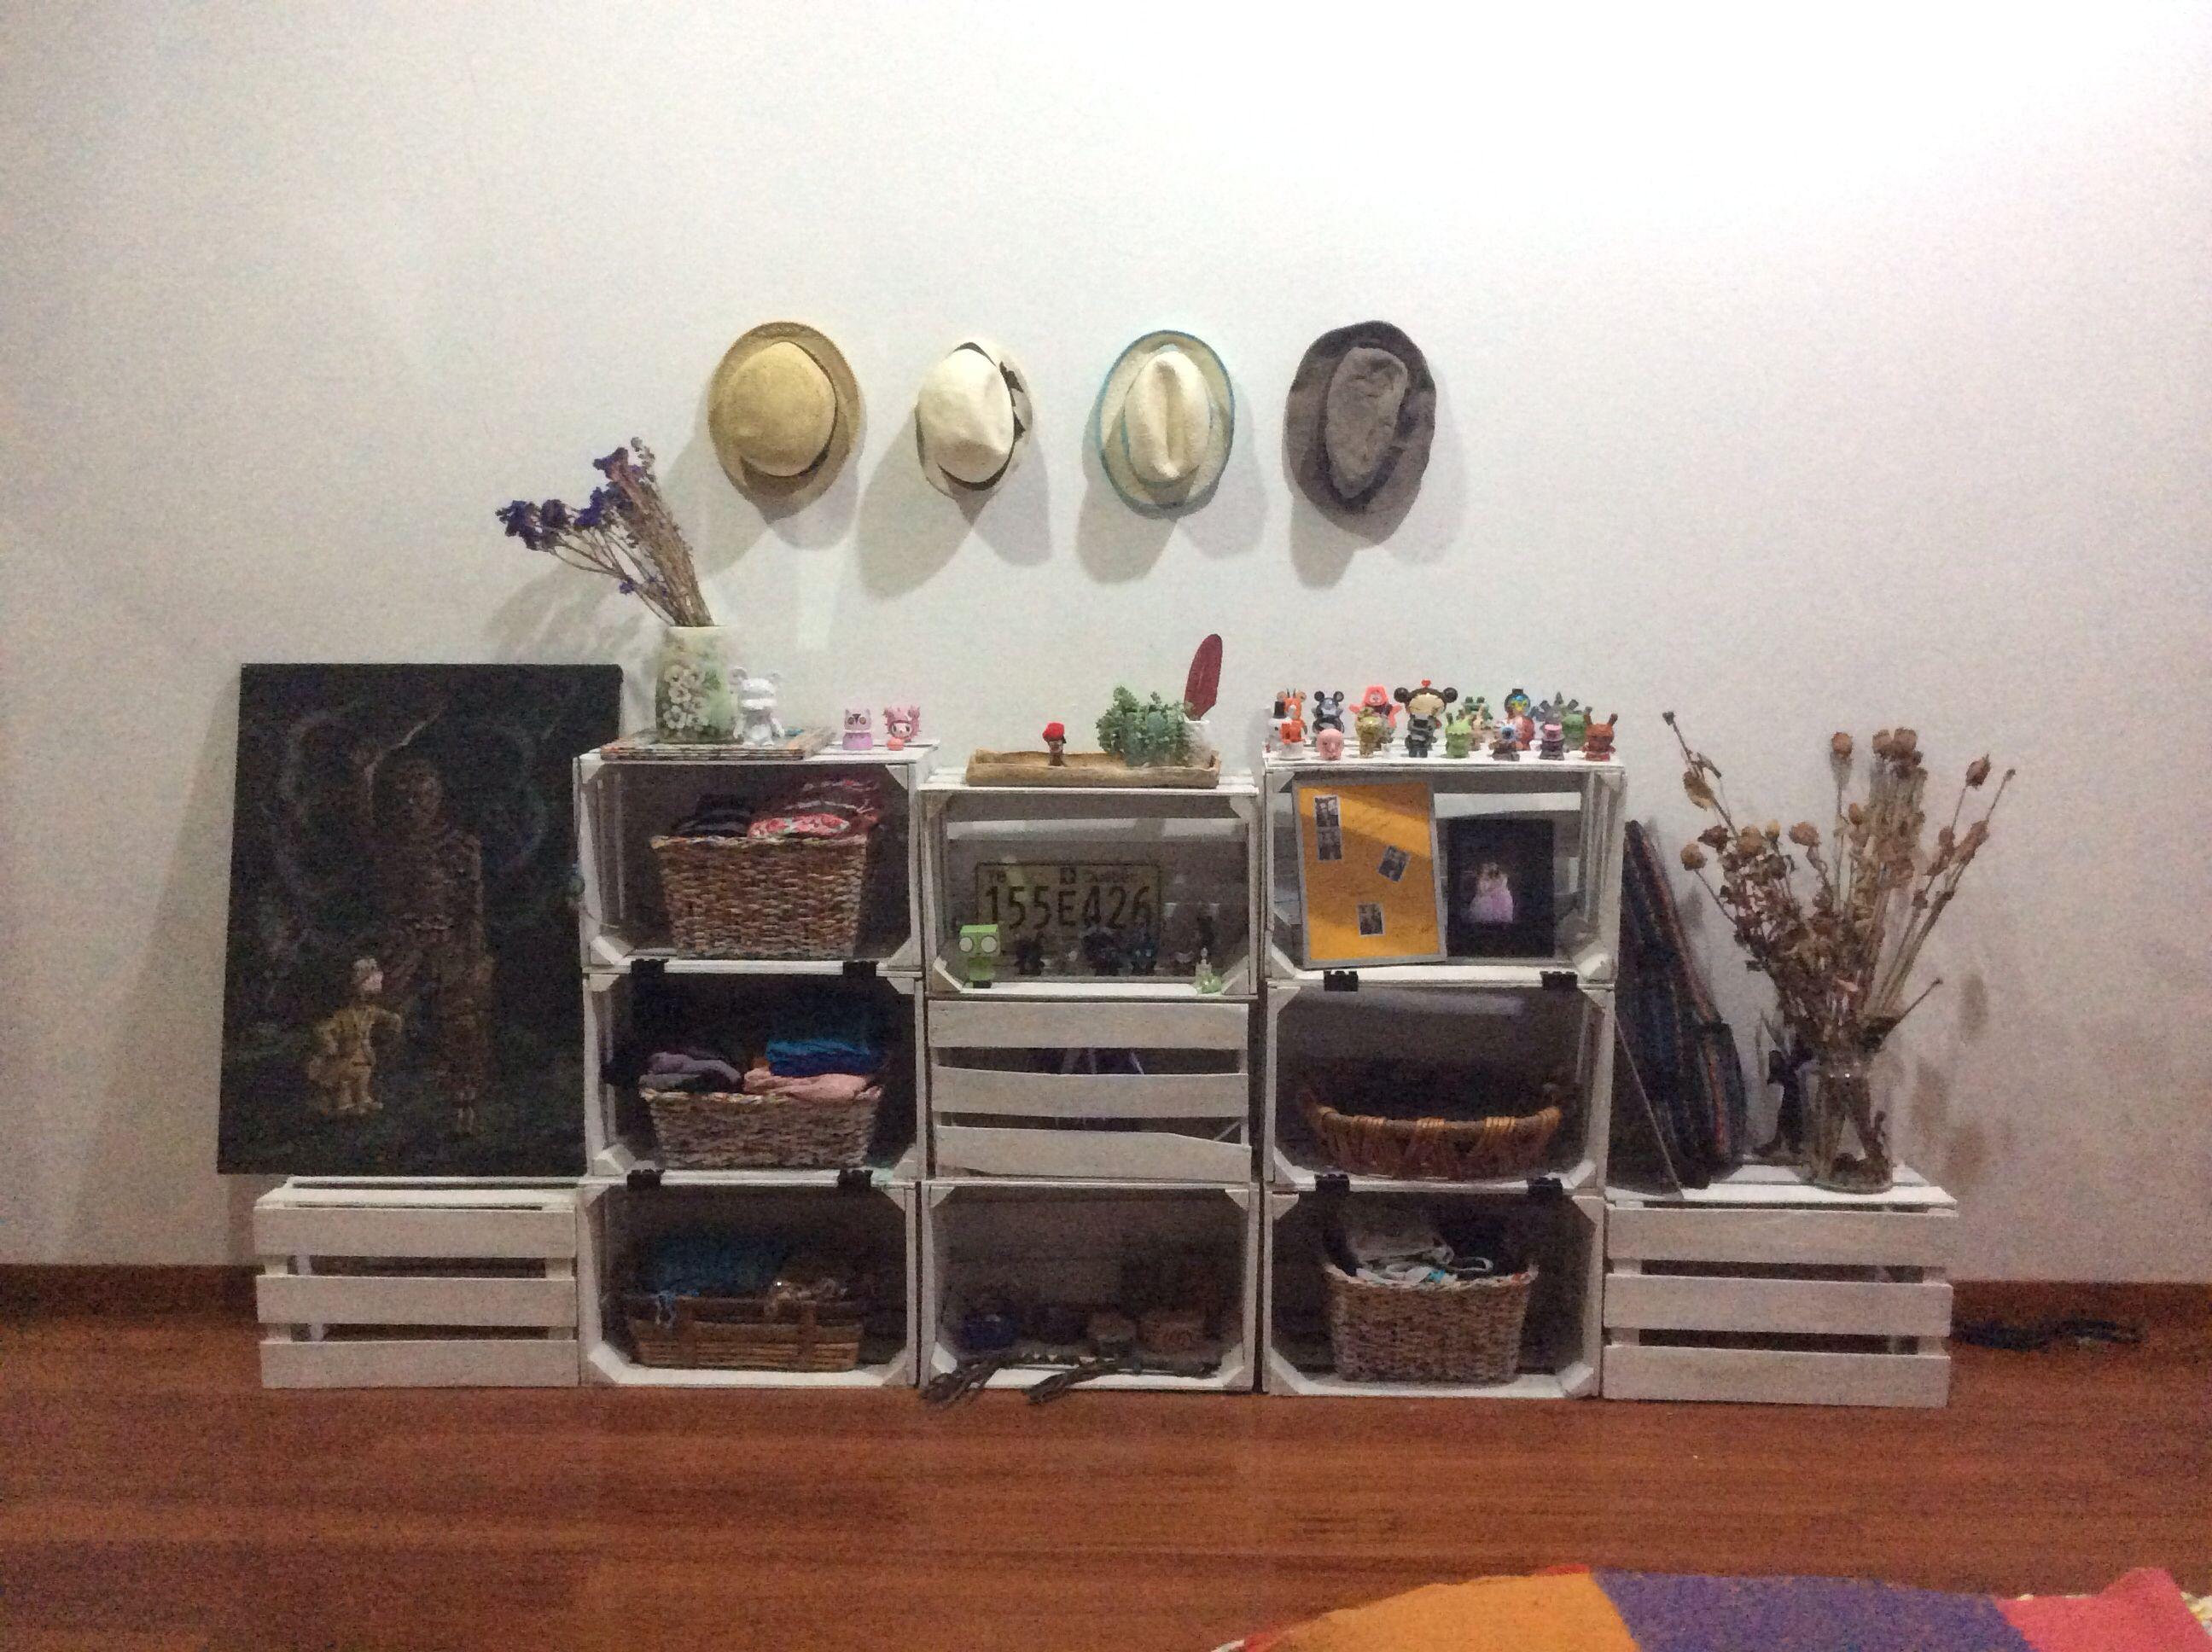 Huacales Hogar Pinterest Muebles Reciclados Ideas  # Muebles Con Uacales